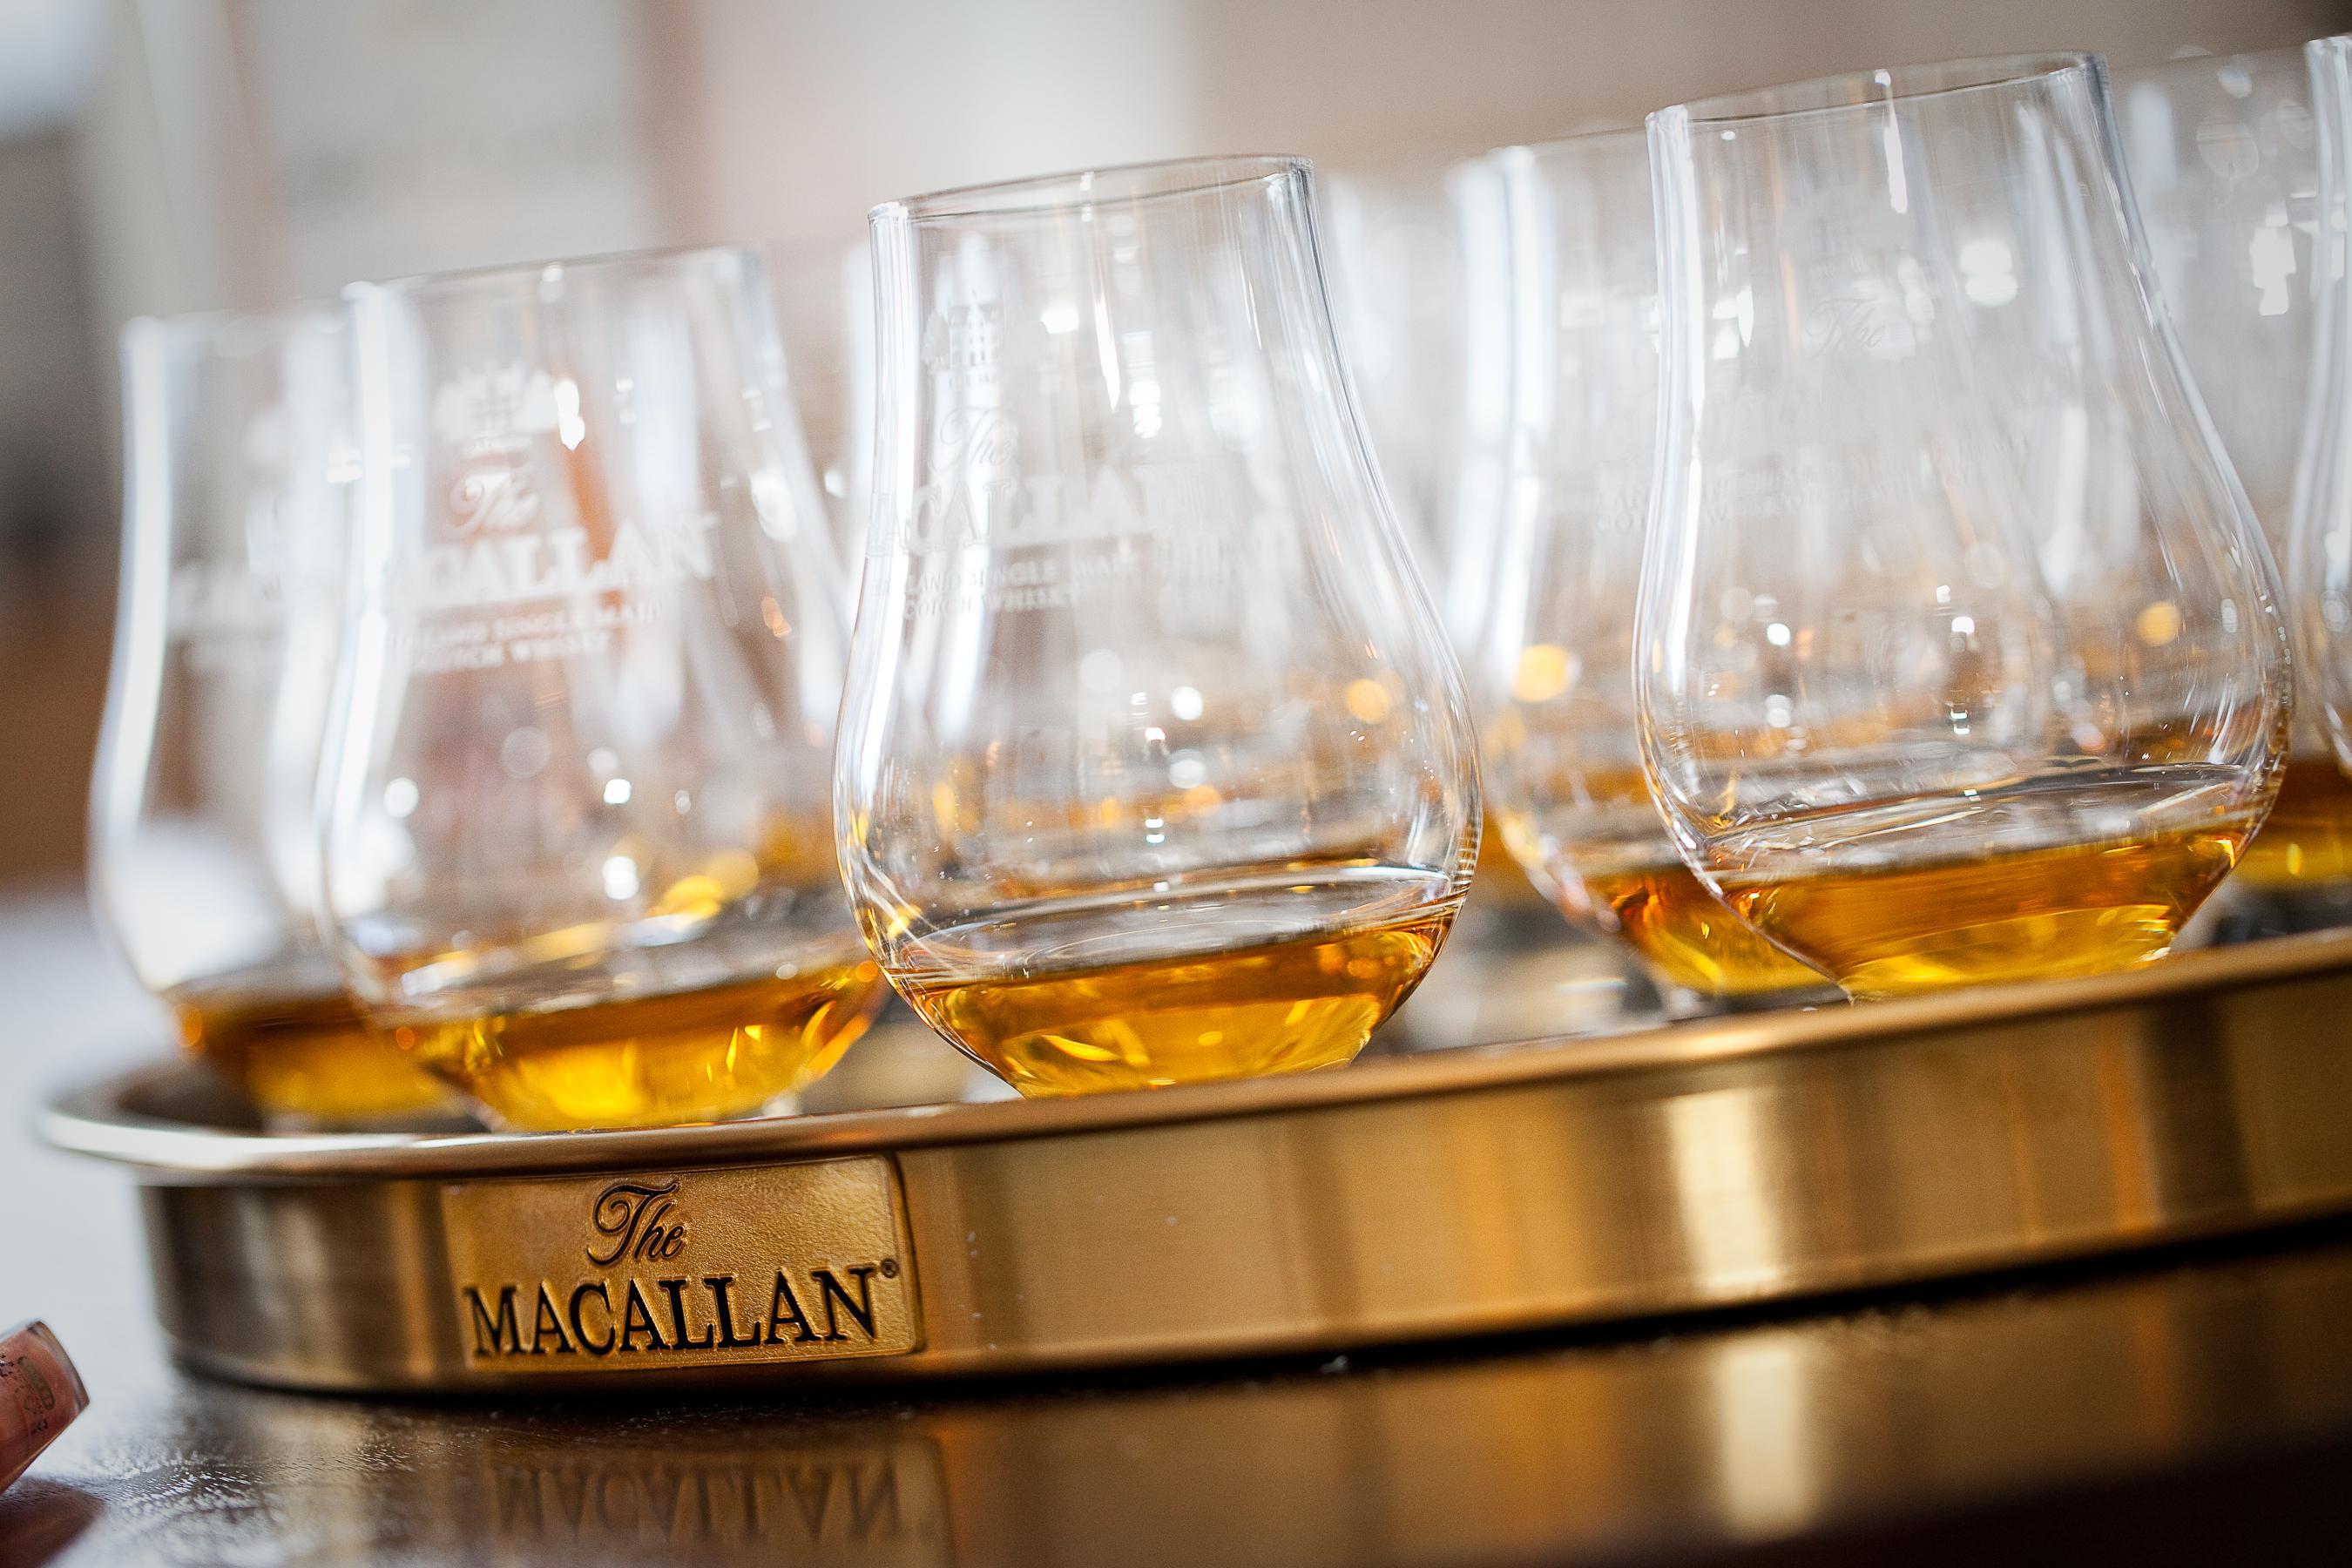 ©blog.5pm.co.uk whisky